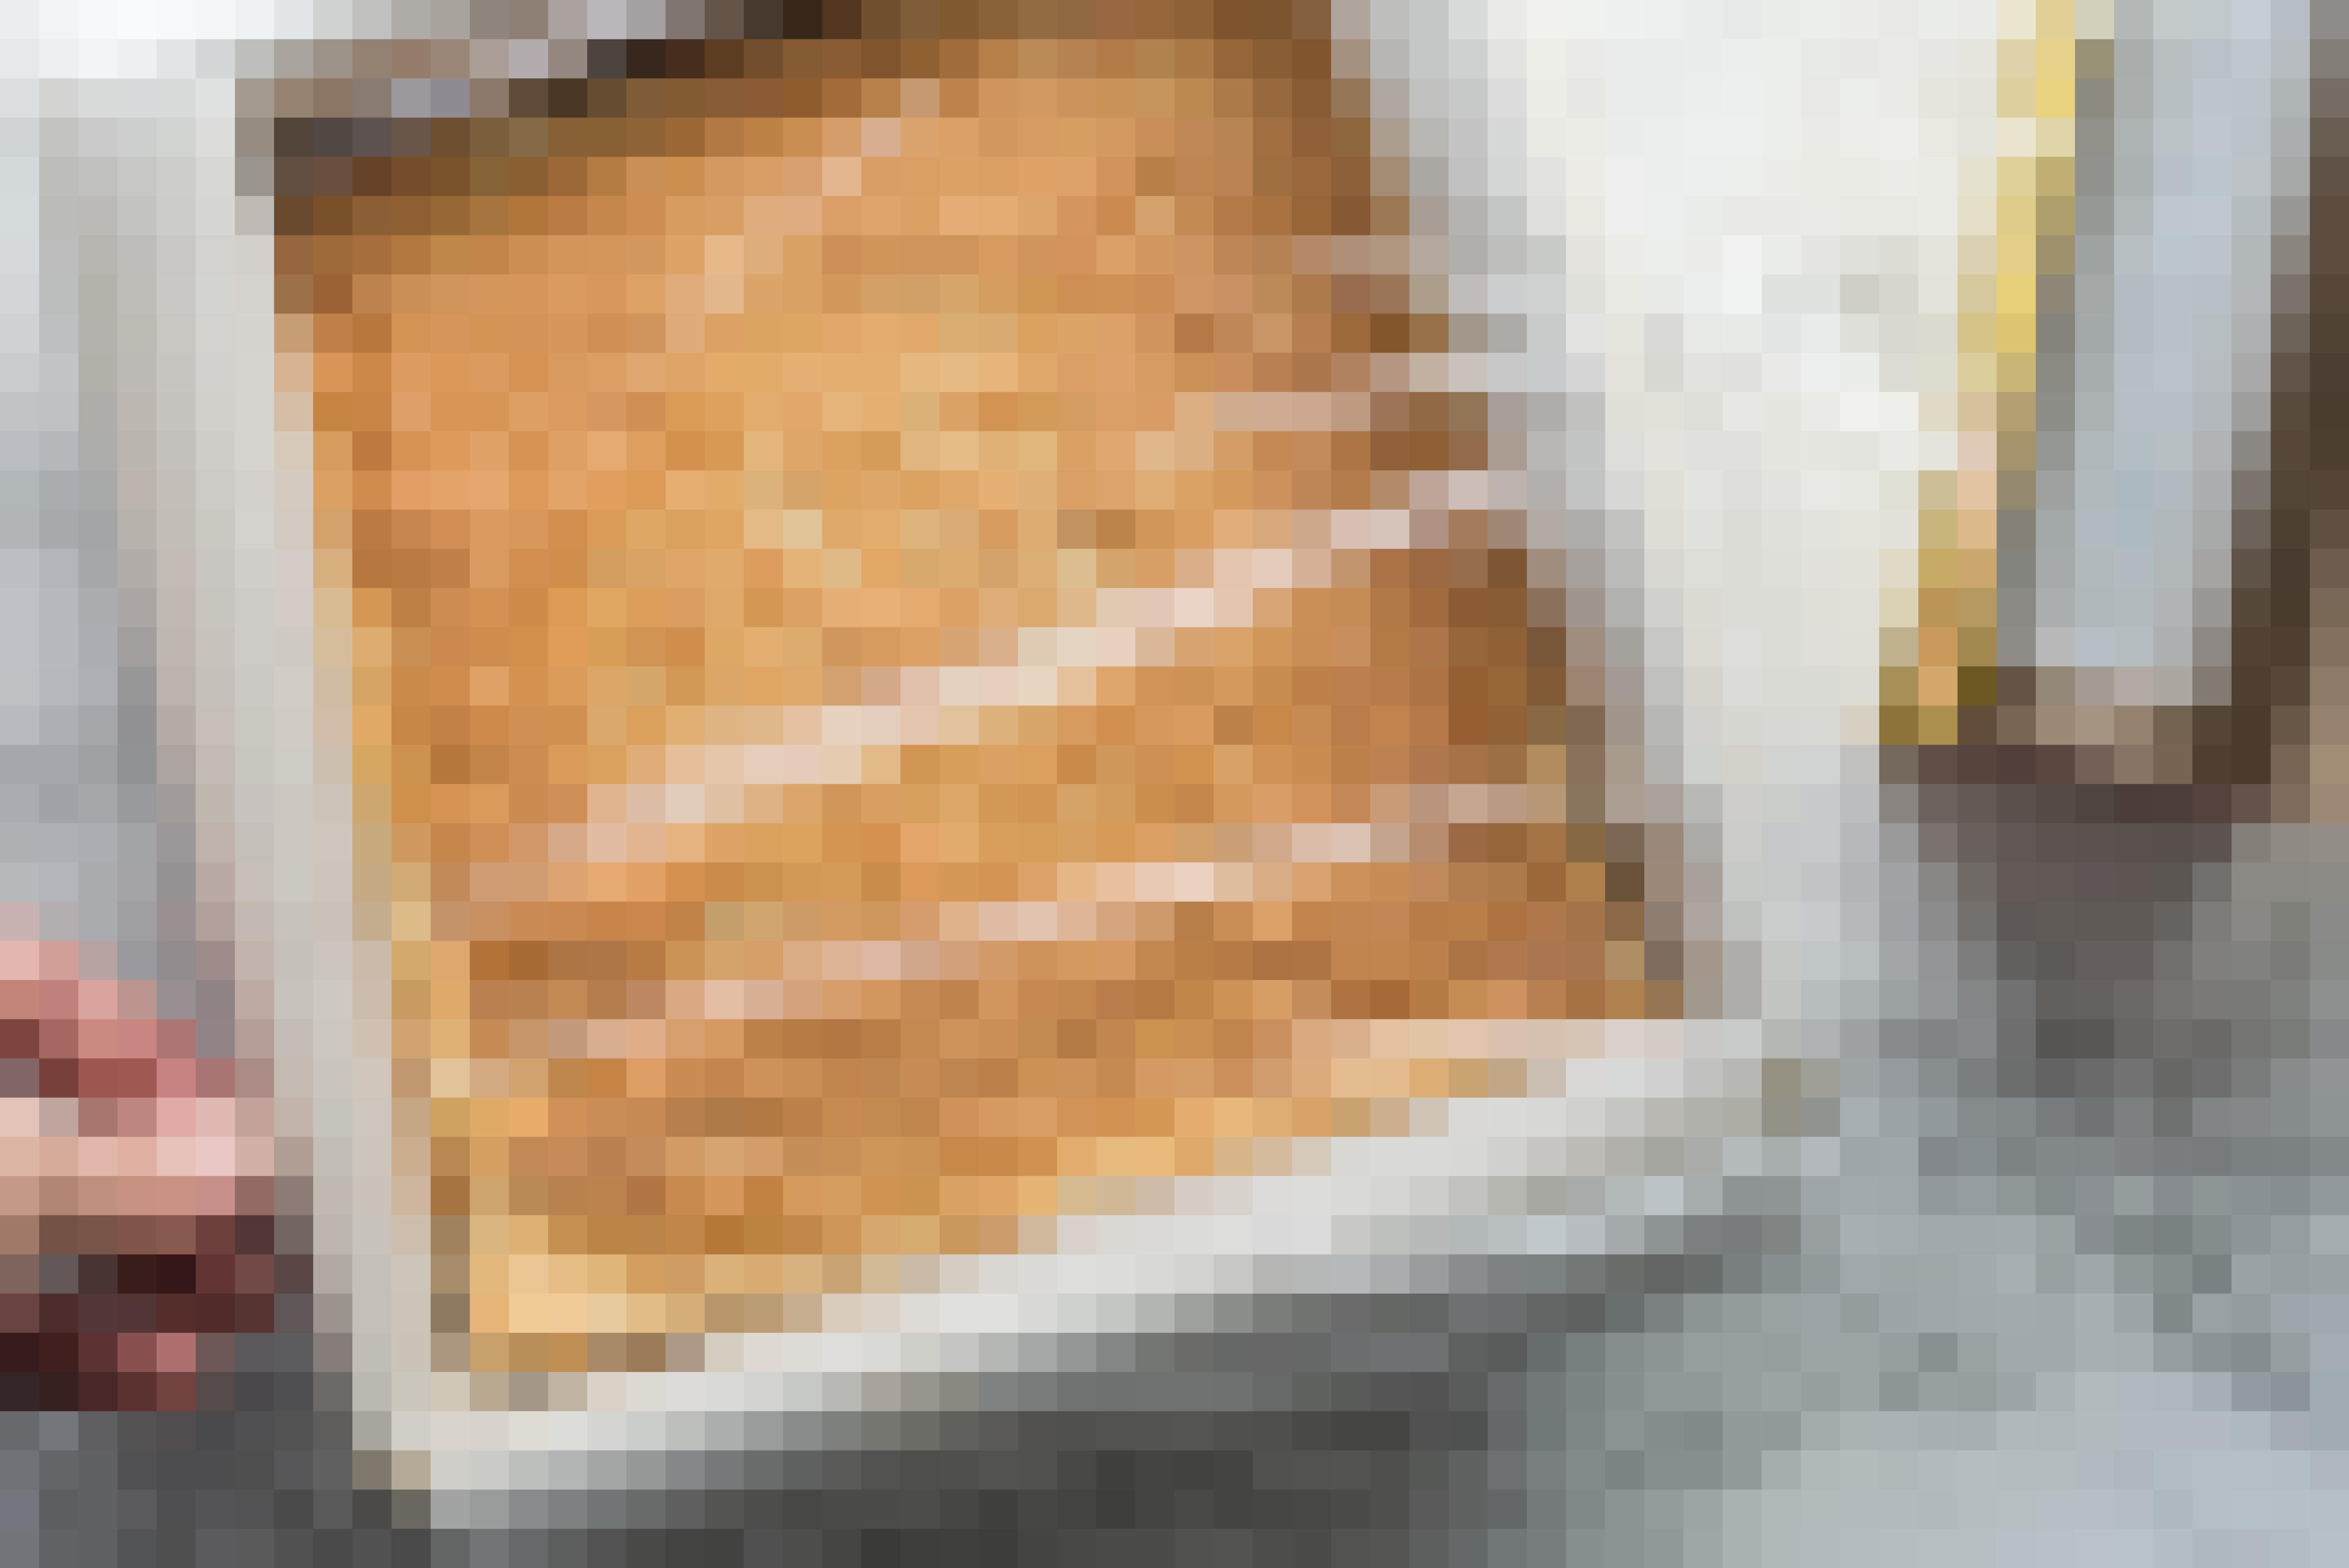 How To Make Vanilla Magic Cake: gallery image 8